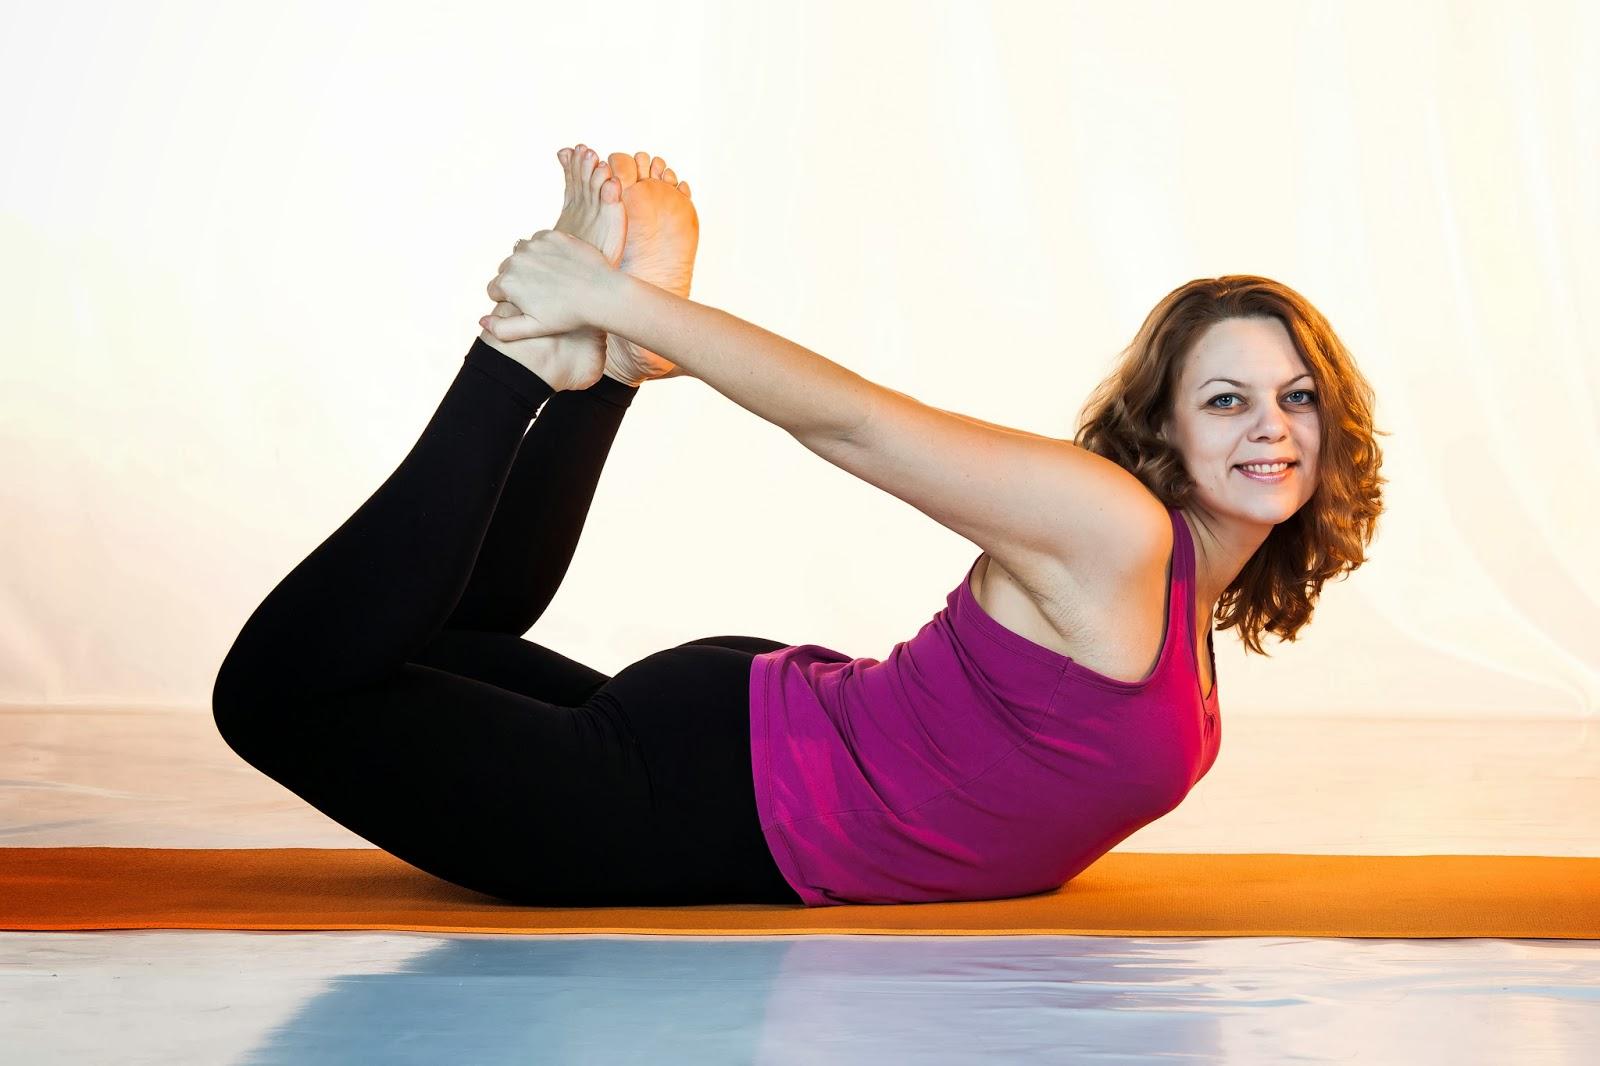 Похудеть с помощью йоги за неделю